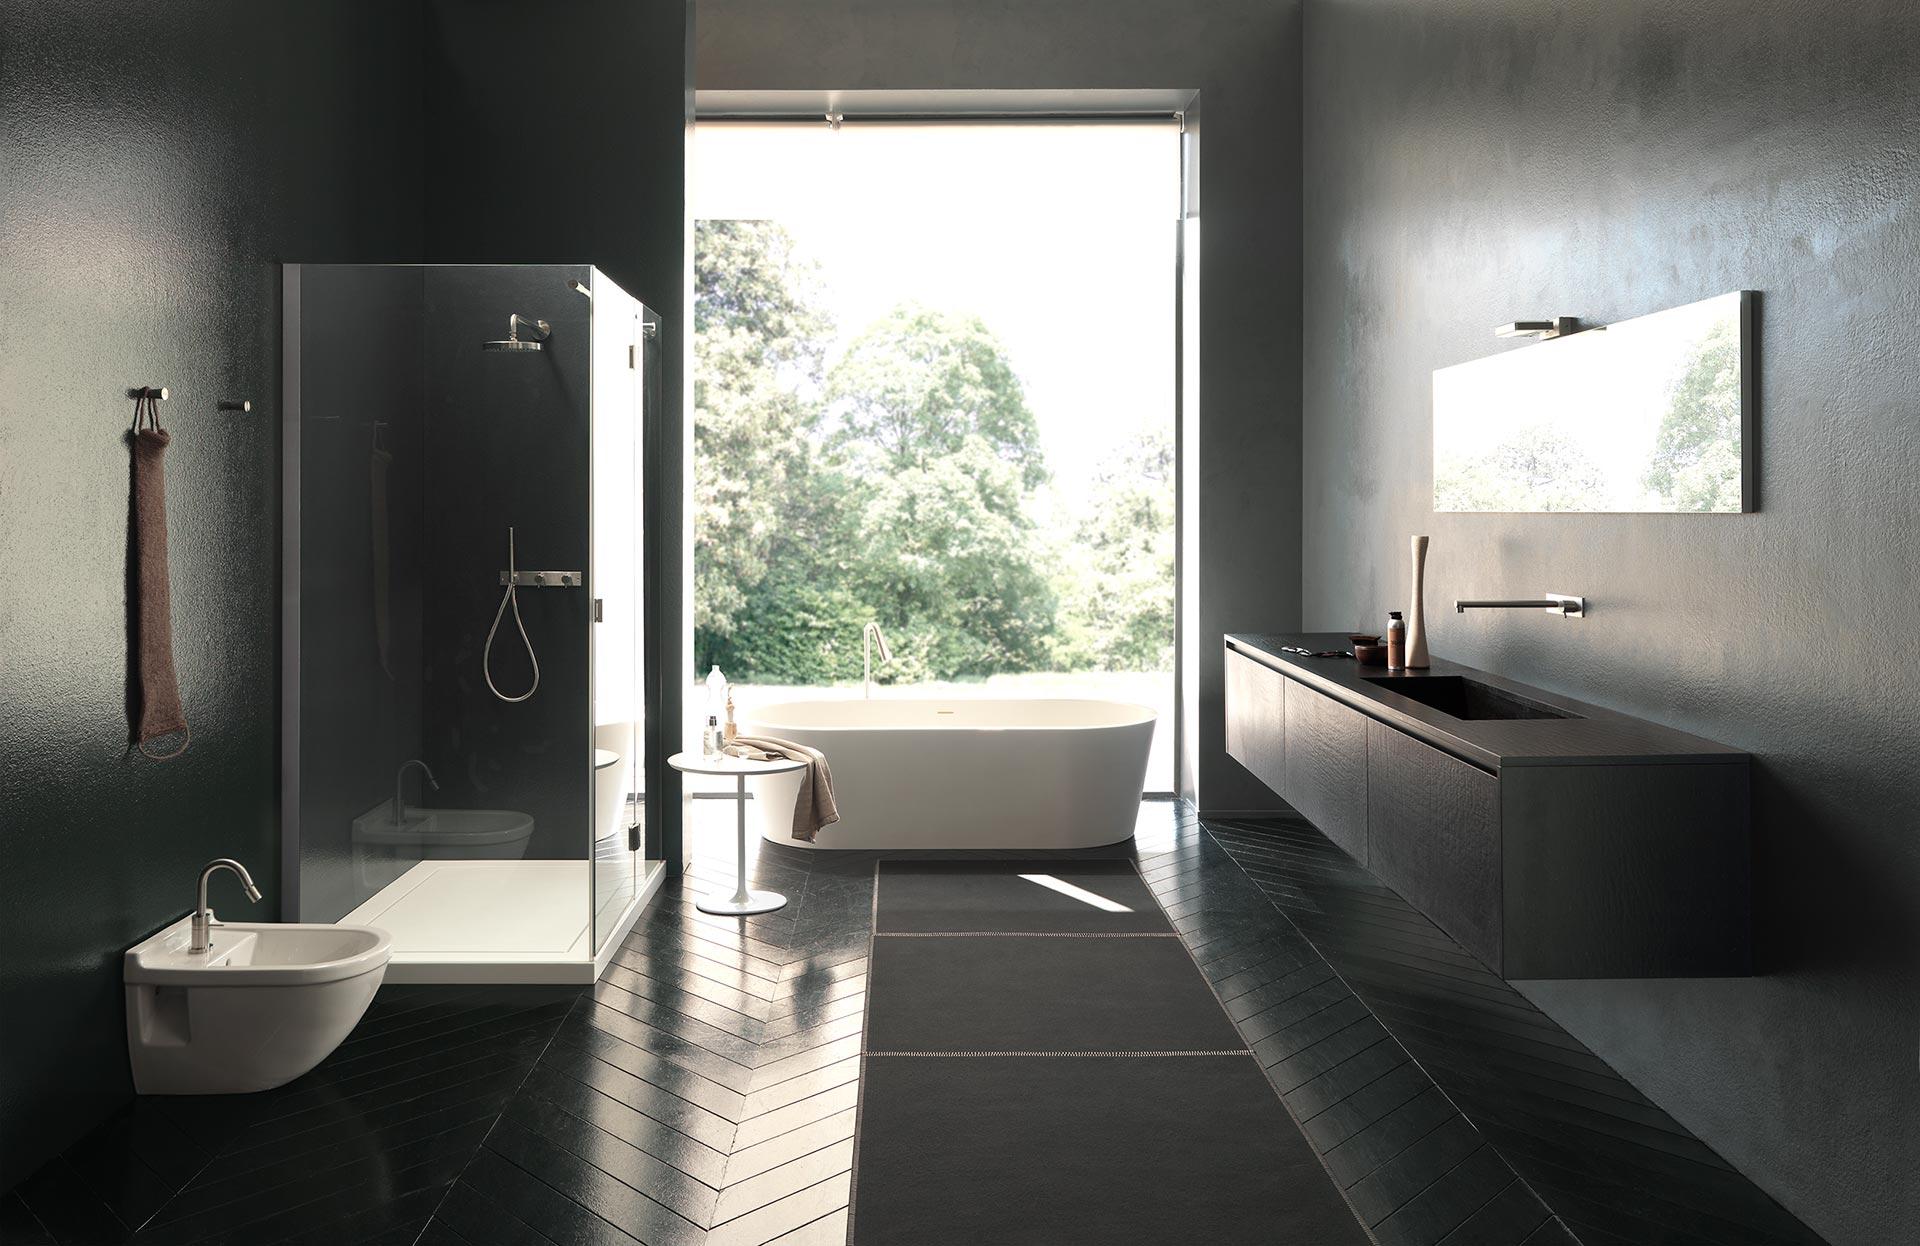 Arredobagno pezzoni progetta e realizza il bagno di casa tua - Bagno di casa ...